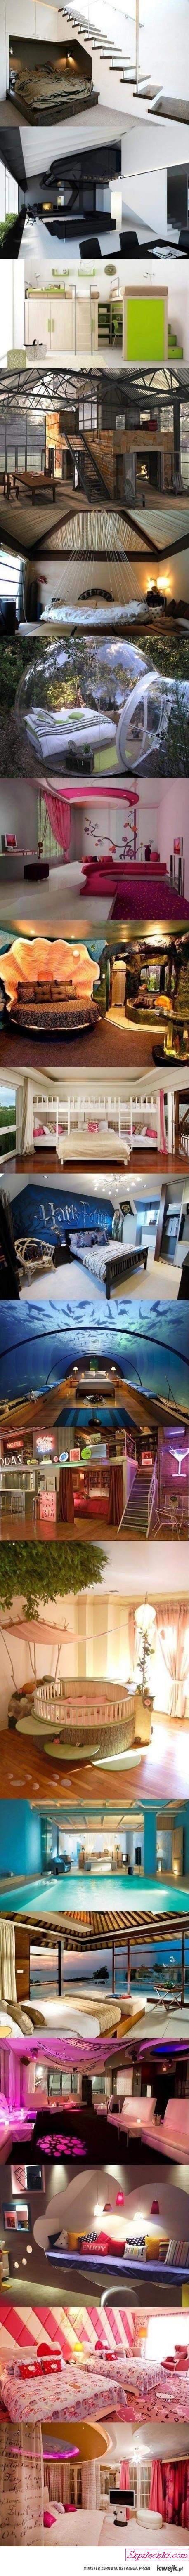 bedrooms ;)